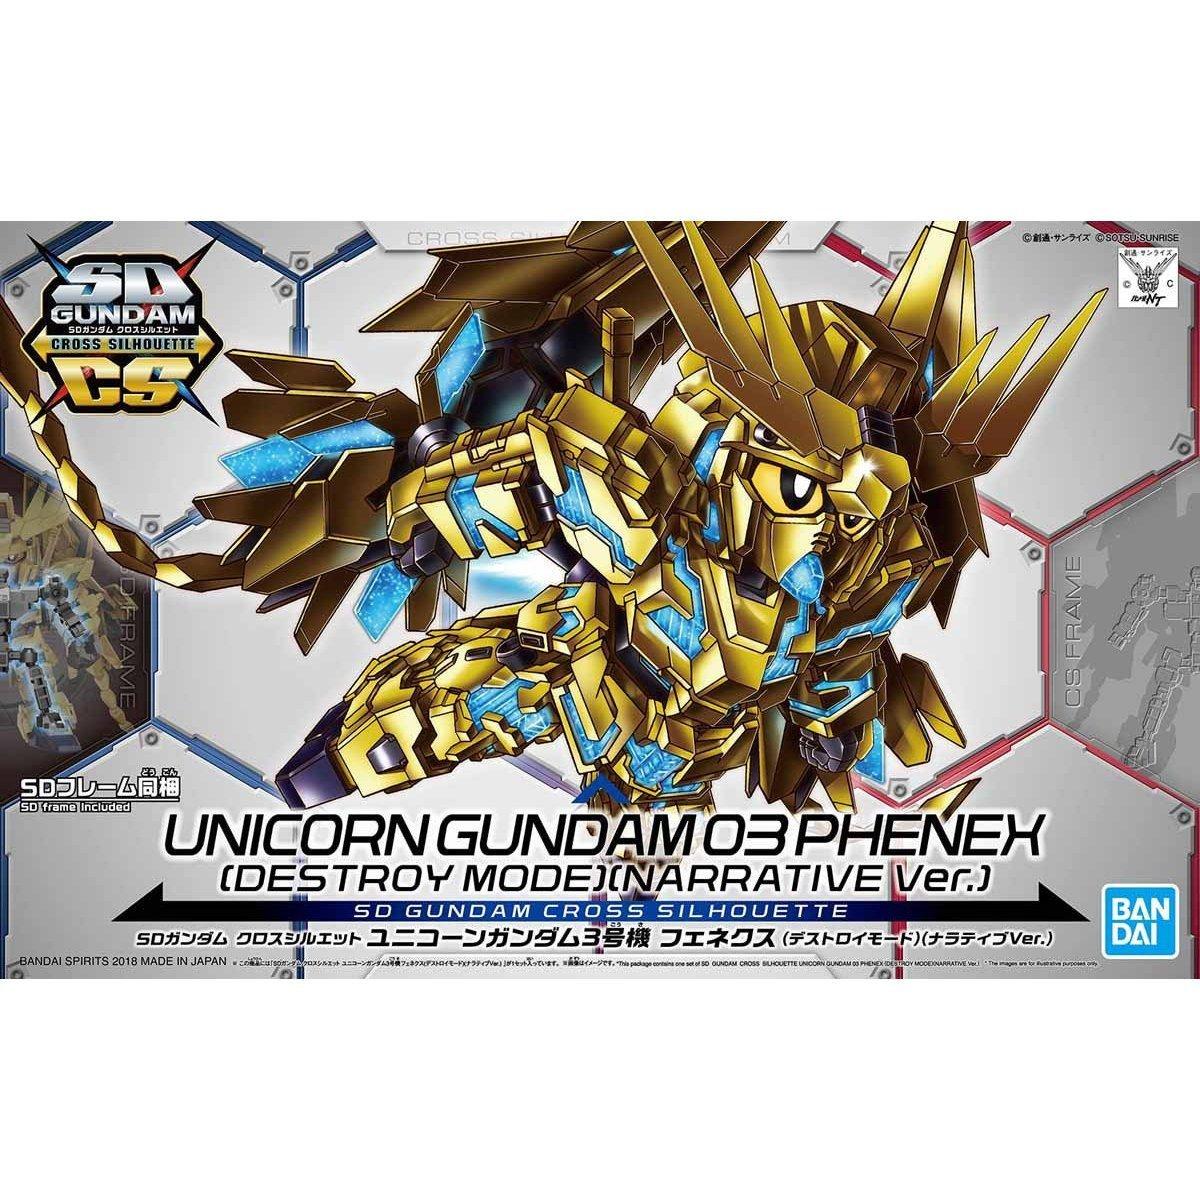 鋼彈gundam組合模型BB戰士 SDCS系列 #07 獨角獸鋼彈3號機 鳳凰(破壞模式)